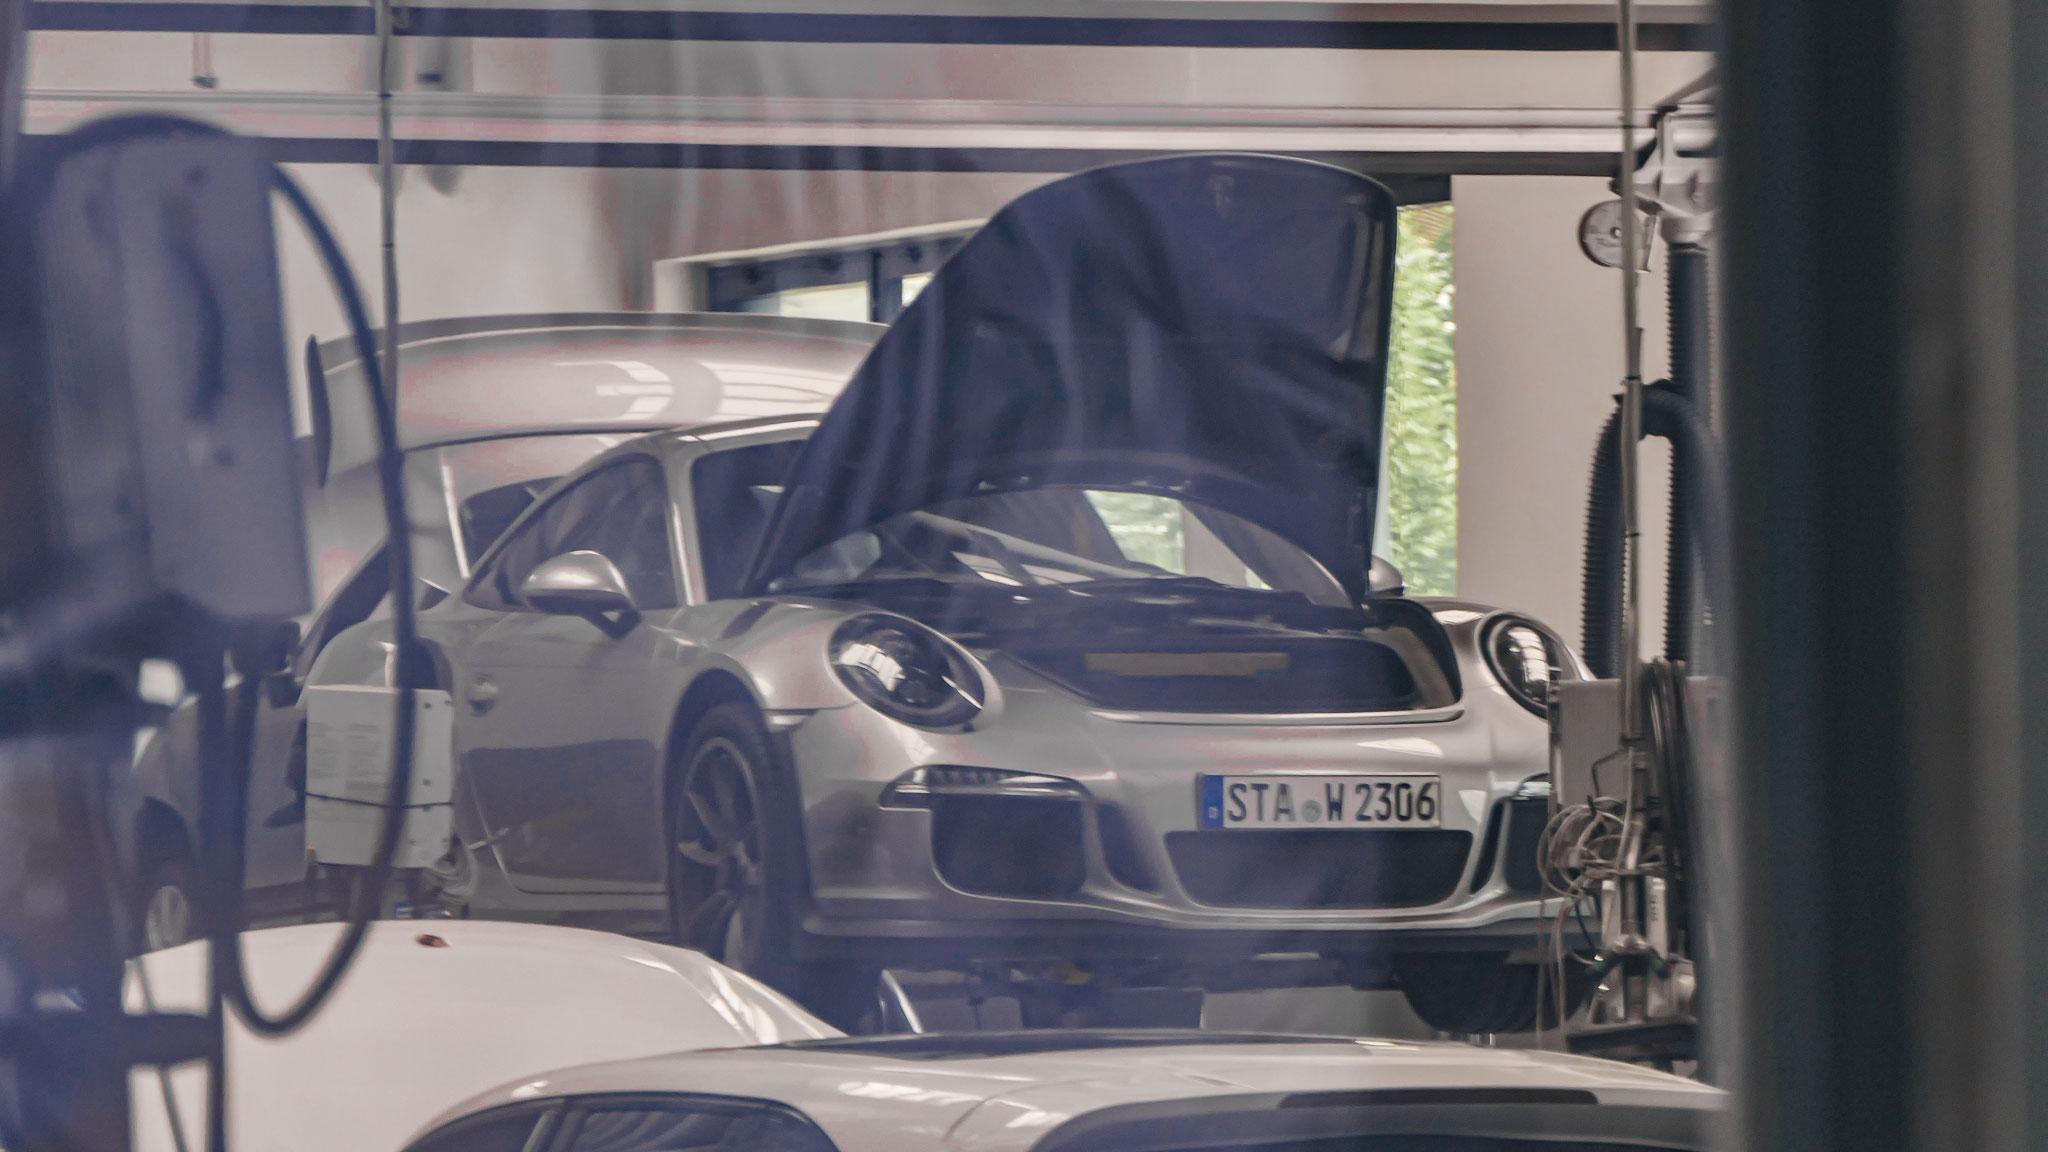 Porsche 991 GT3 - STA-W-2306